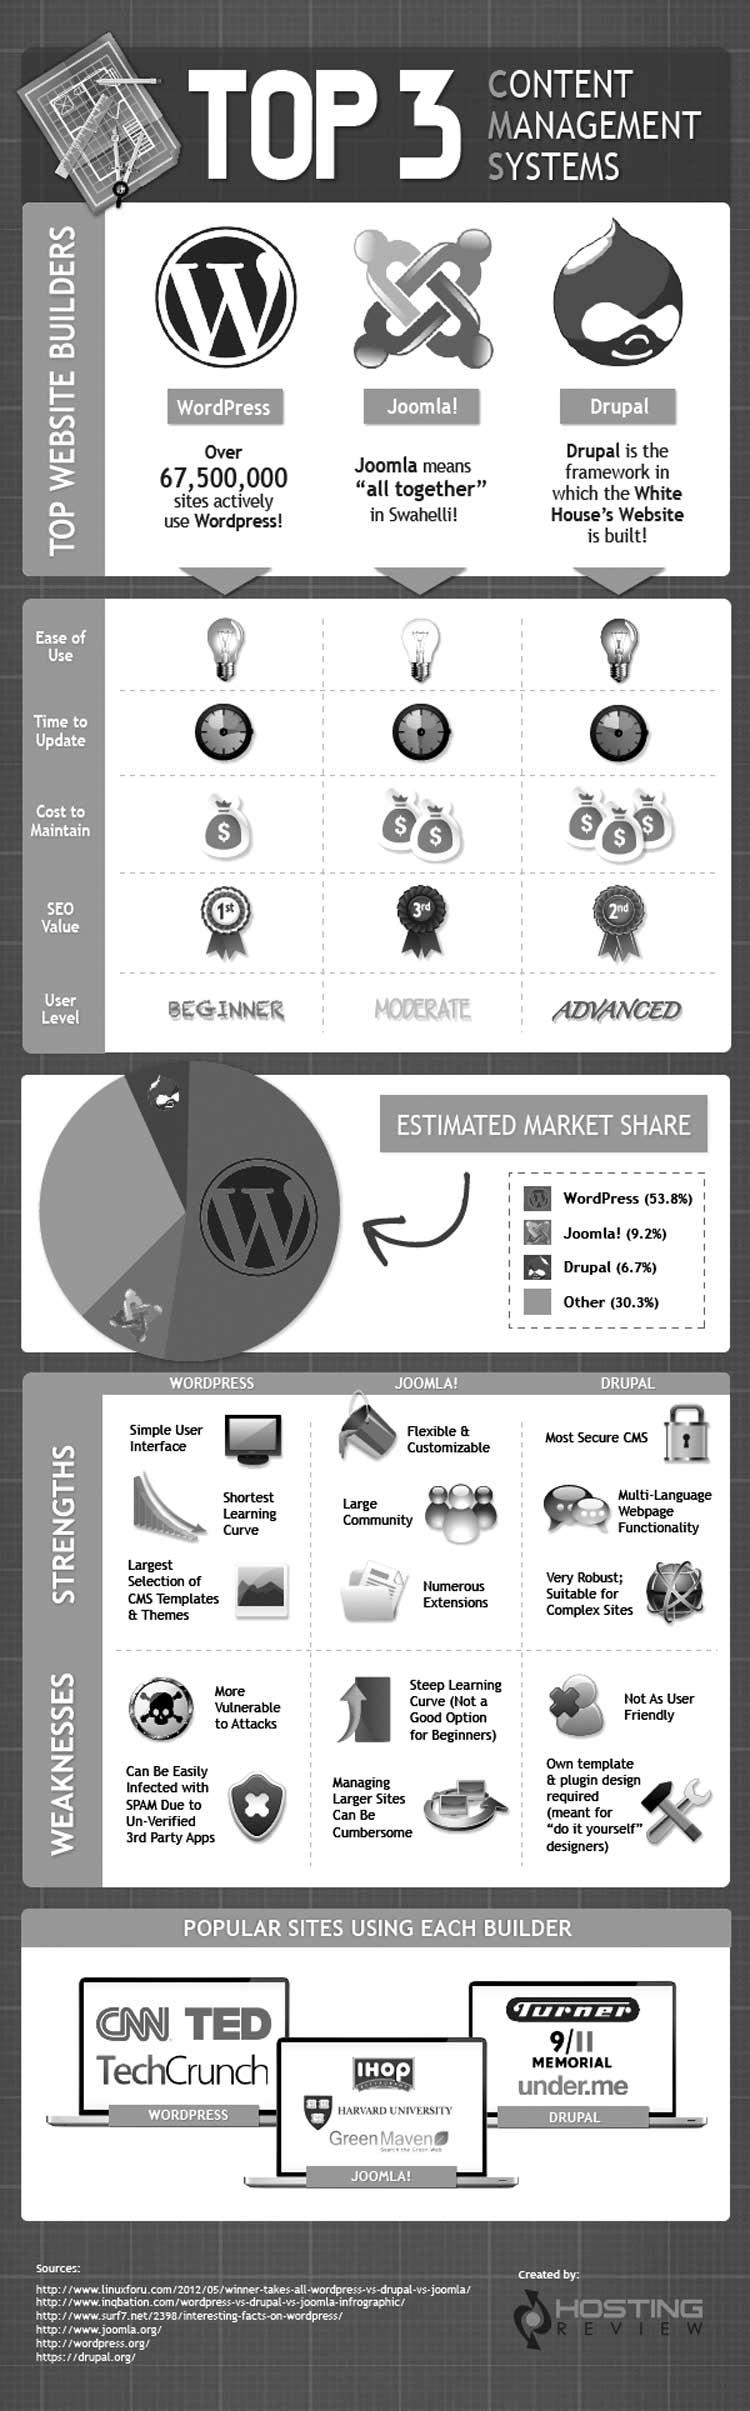 ¿Qué es mejor wordpress, drupal o joomla?